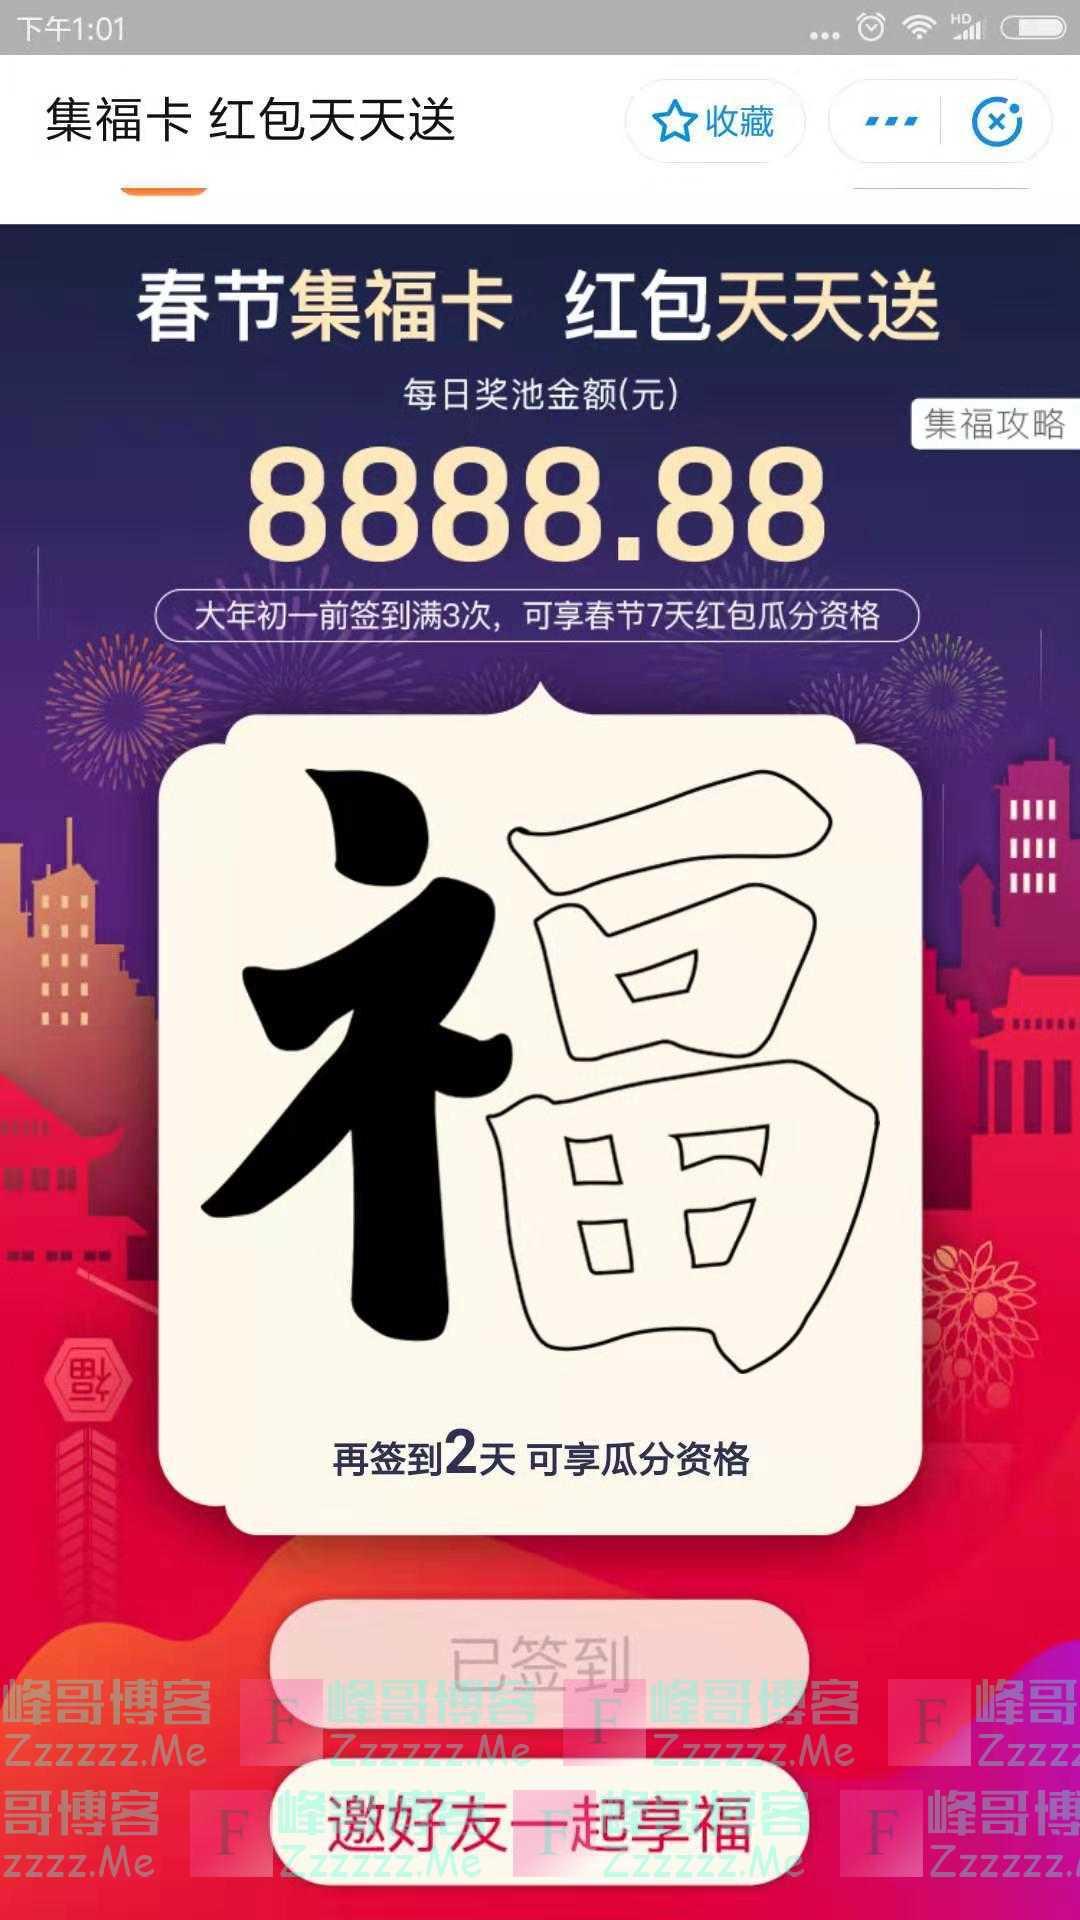 前海开源基金签到集福瓜分8888元奖金(截止1月31日)